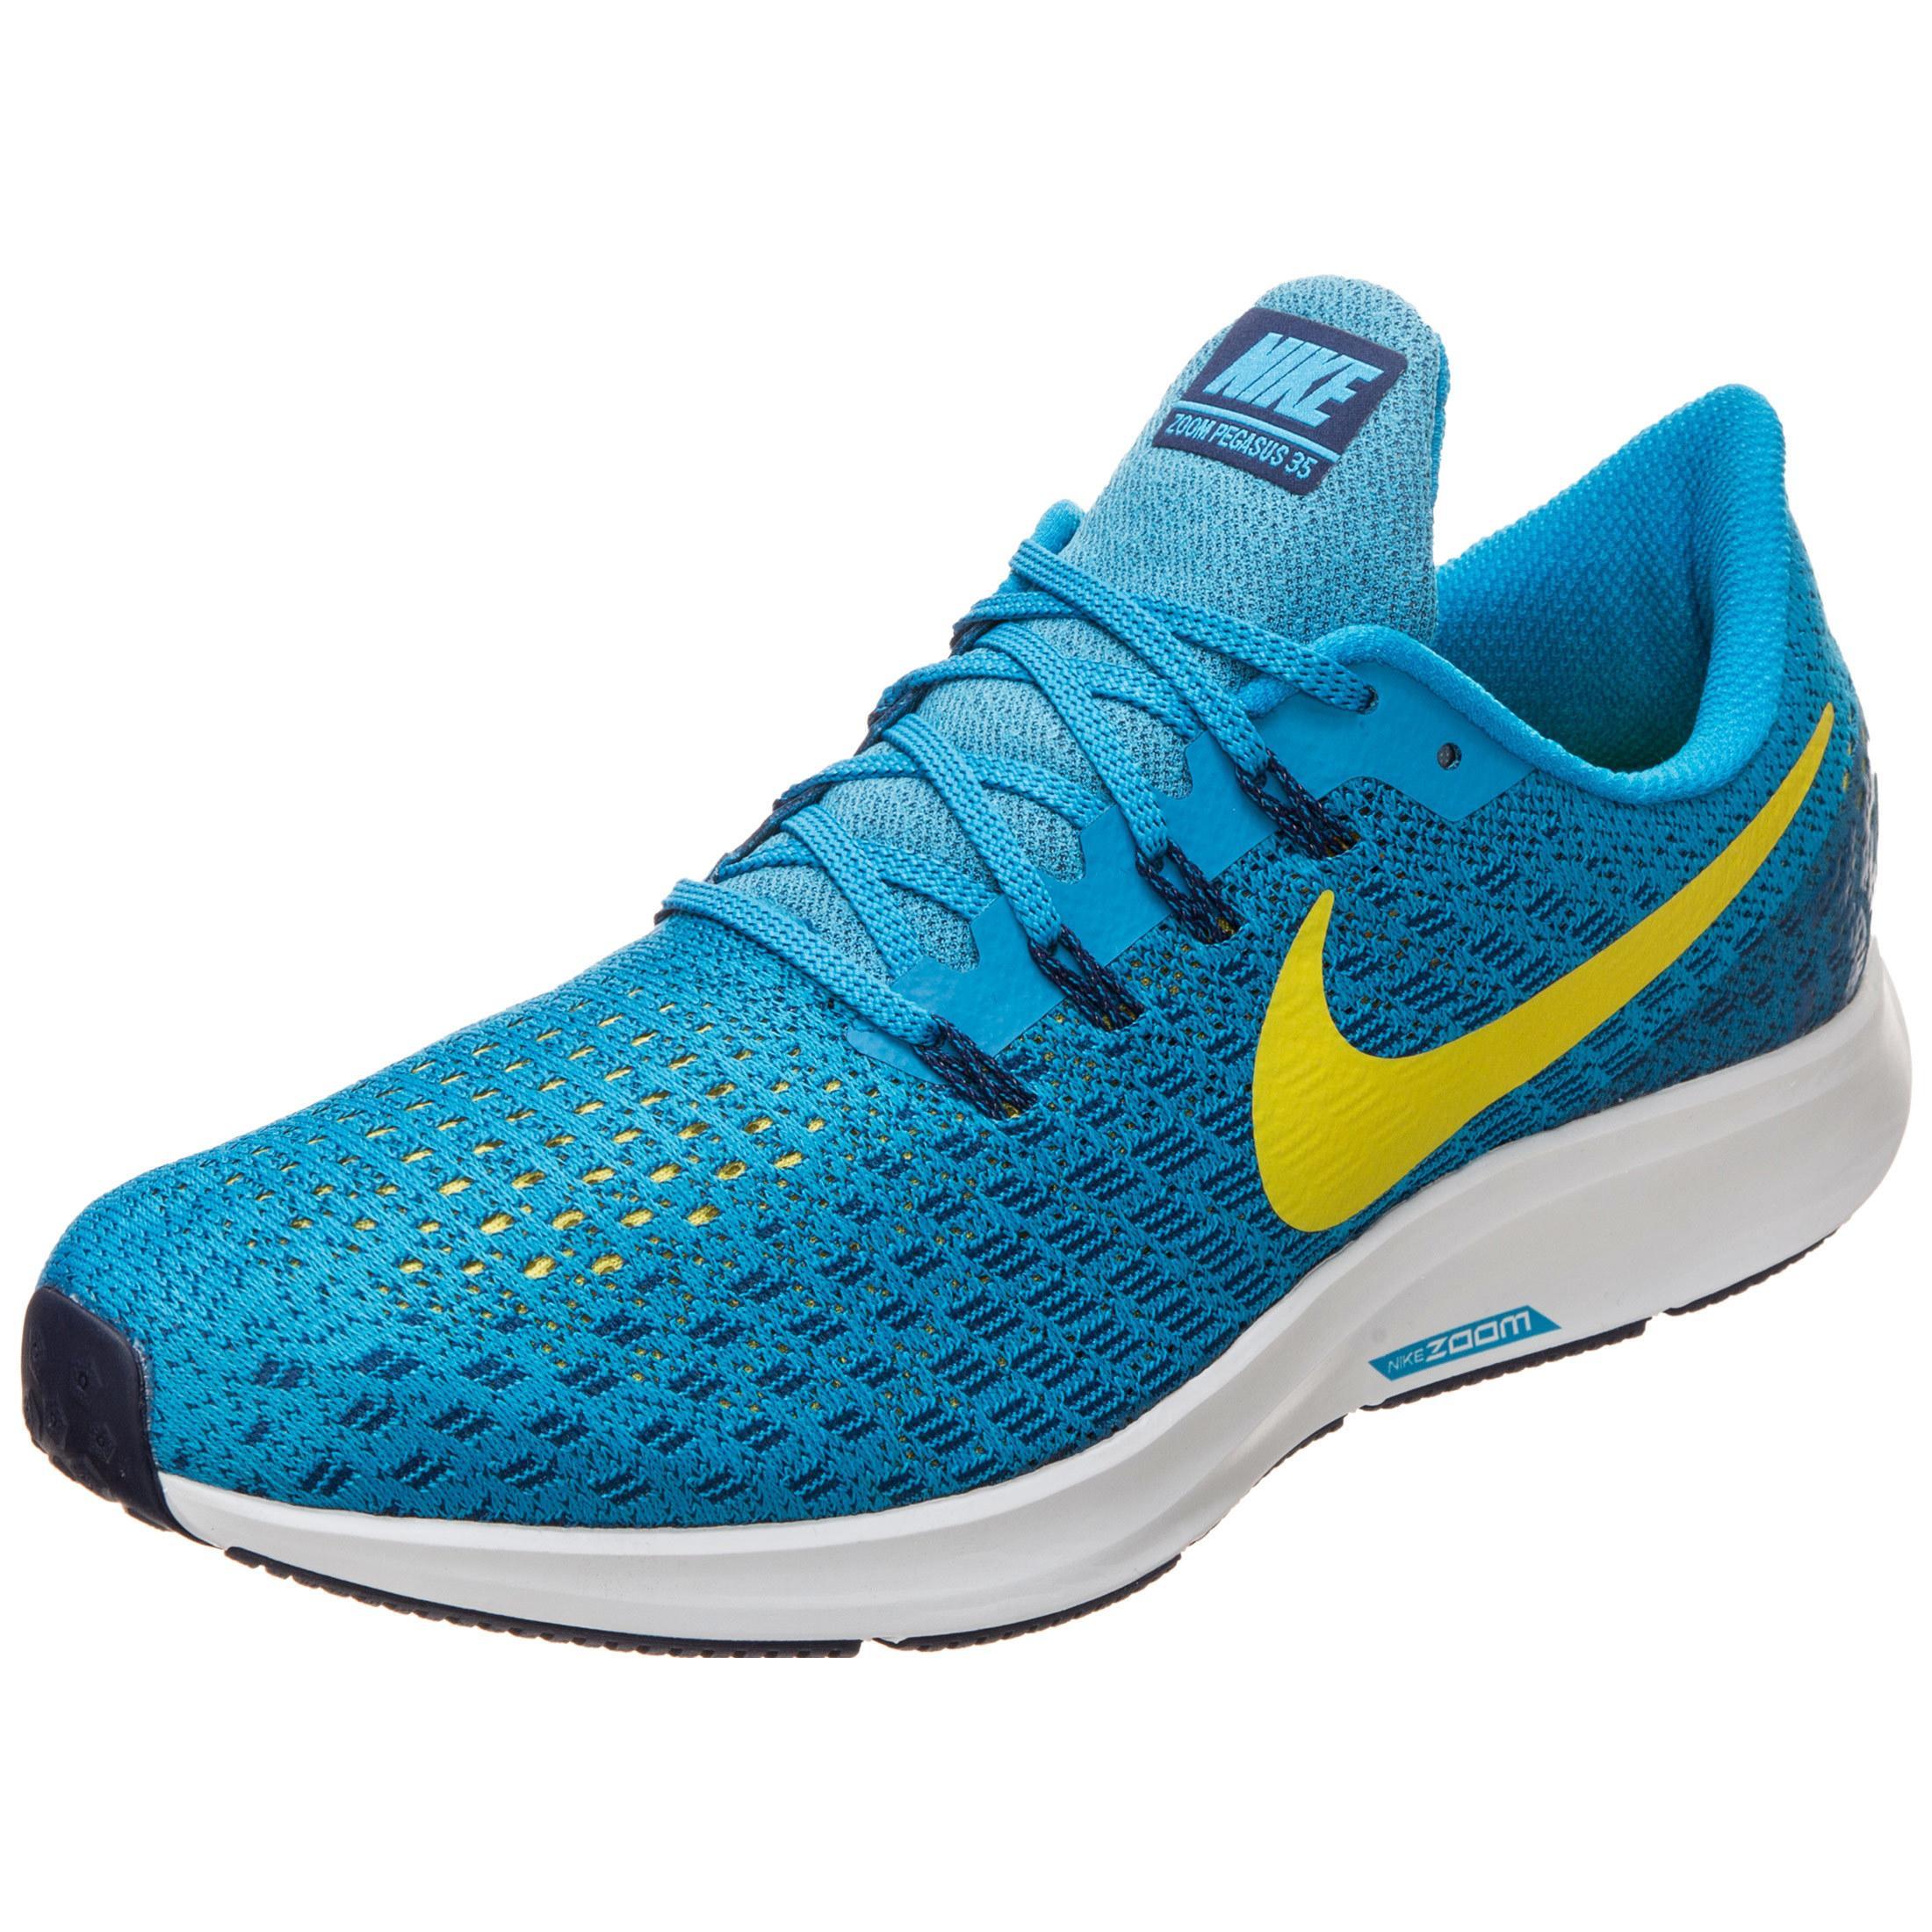 Nike Air Zoom Pegasus 35 Laufschuhe Herren türkis neongelb im Online Shop von SportScheck kaufen